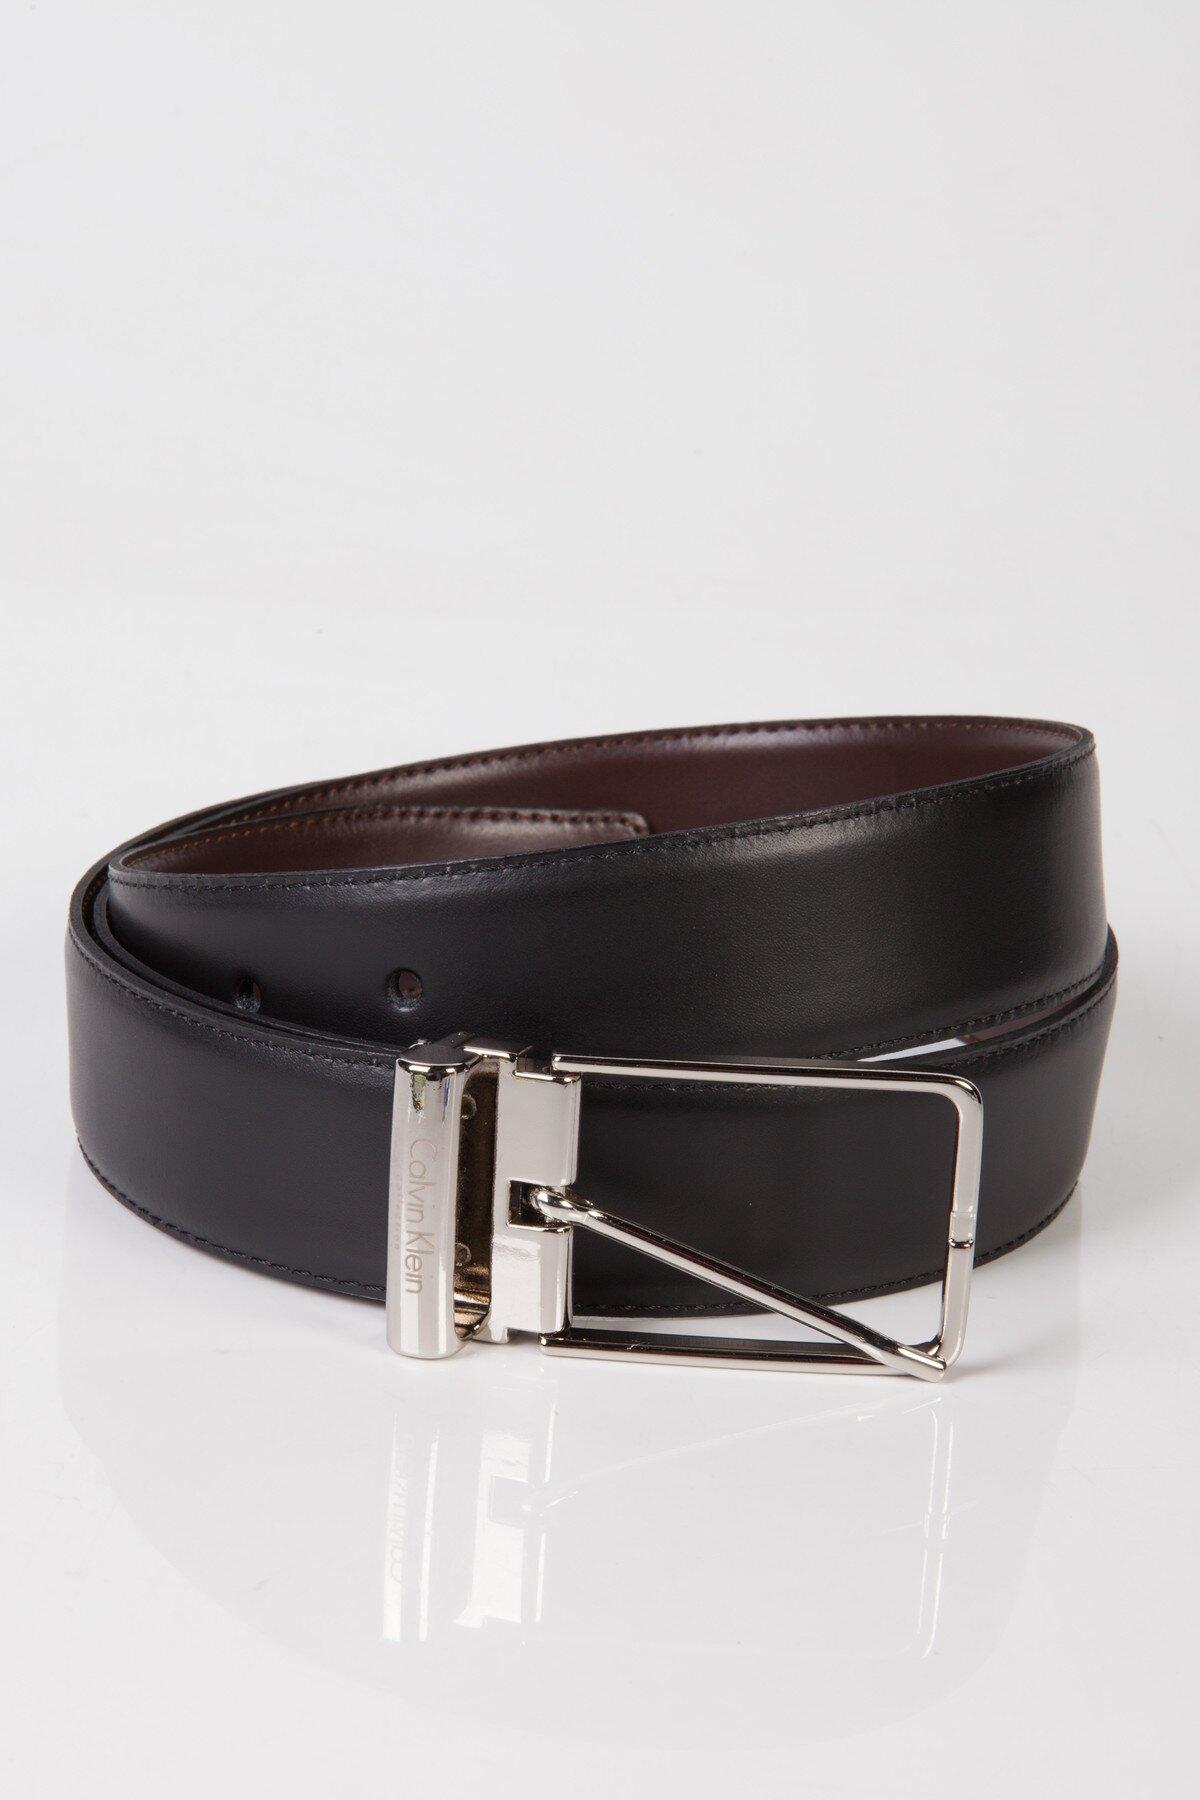 6b34d96c8 Dámsky čierno-hnedý obojstranný kožený opasok Calvin Klein | Zlavomat.sk